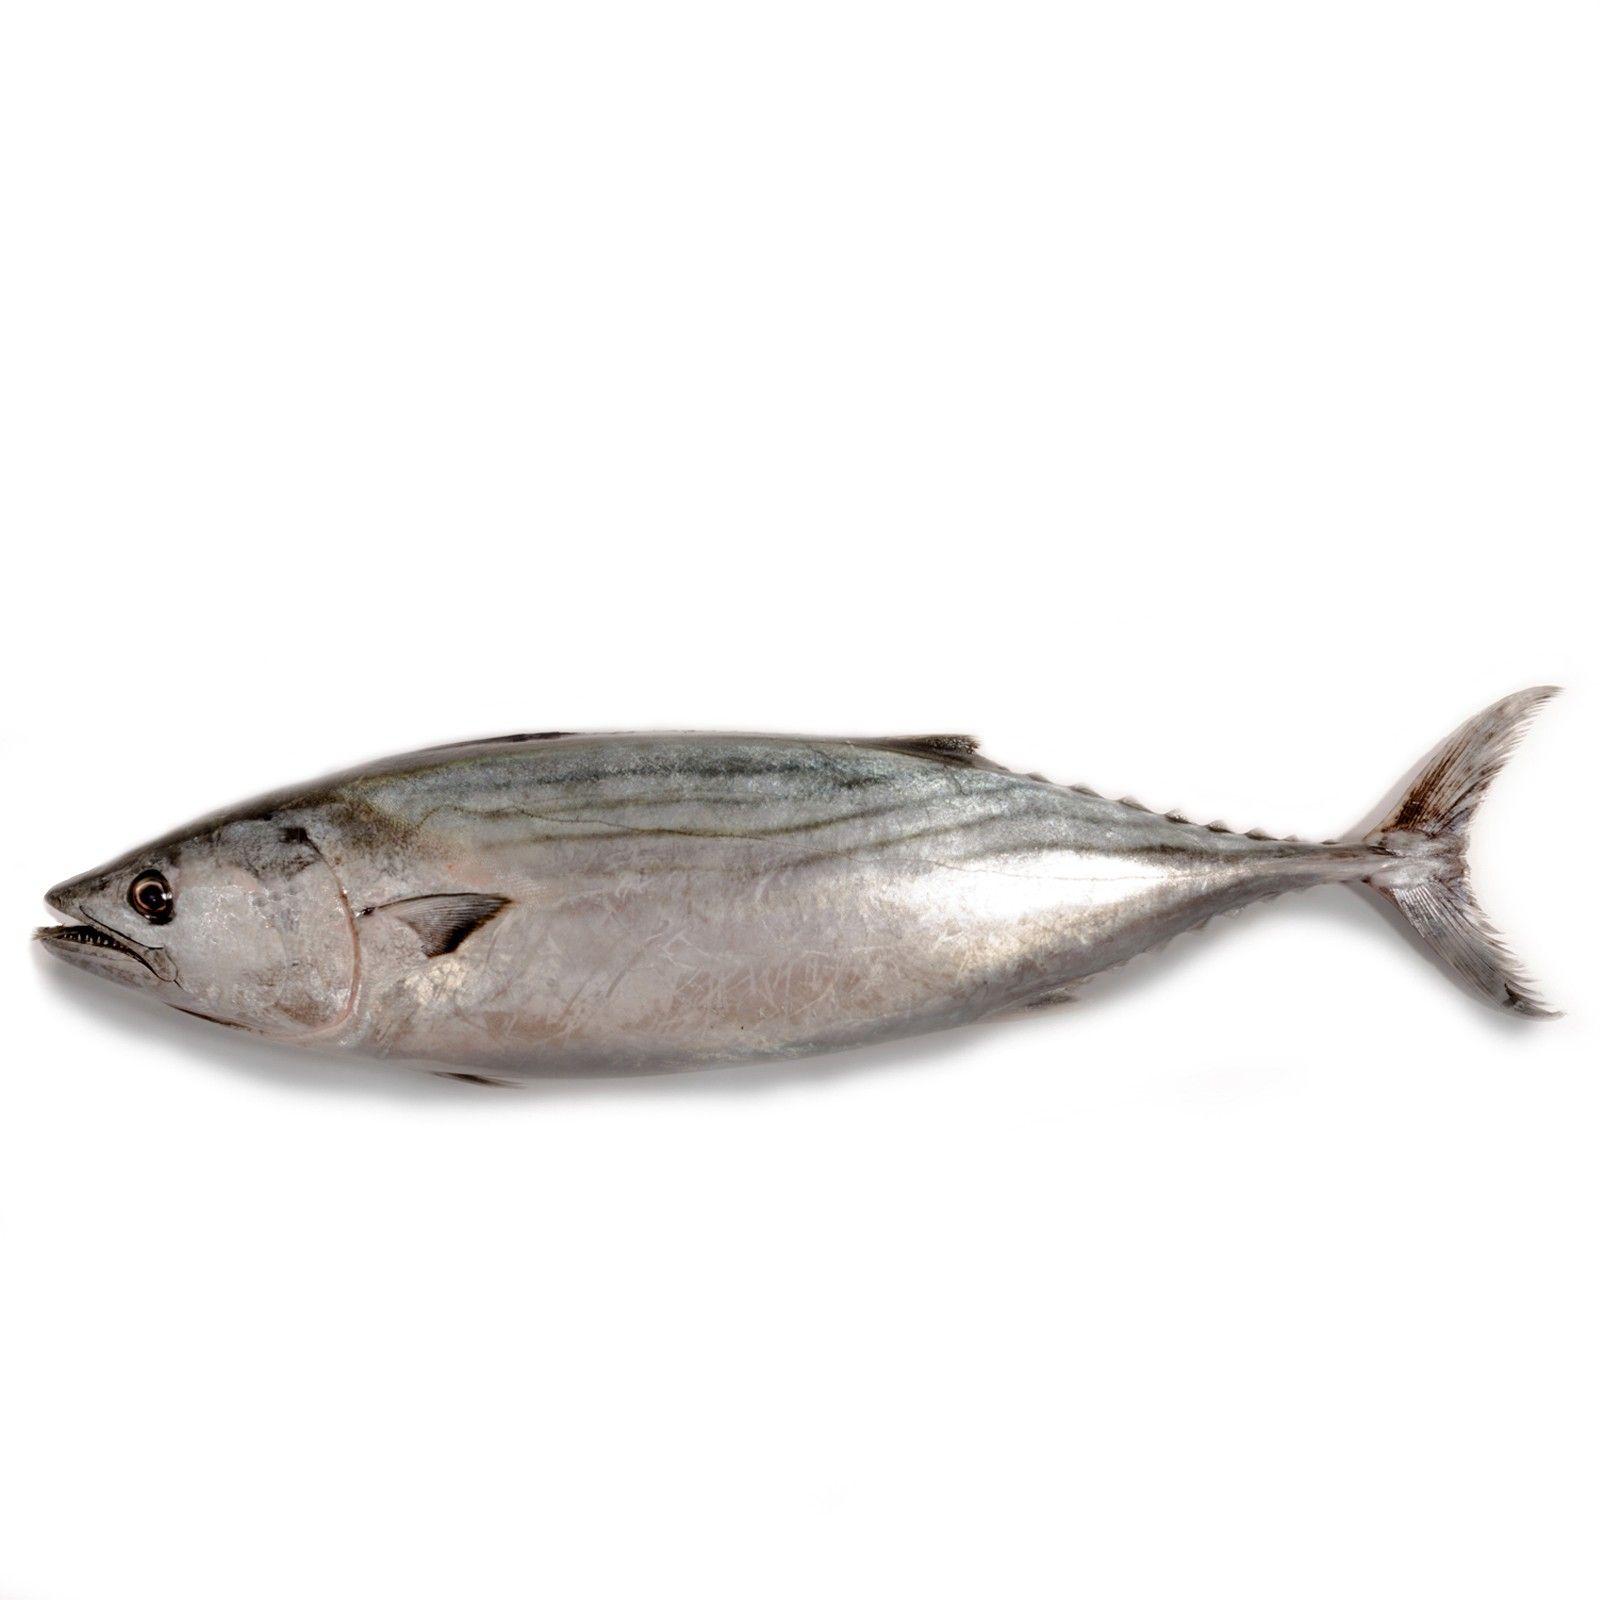 Bonito Del Atlantico Frescas Para Comprar Online Tulonja Com Pescados Y Mariscos A Coruña Bonito